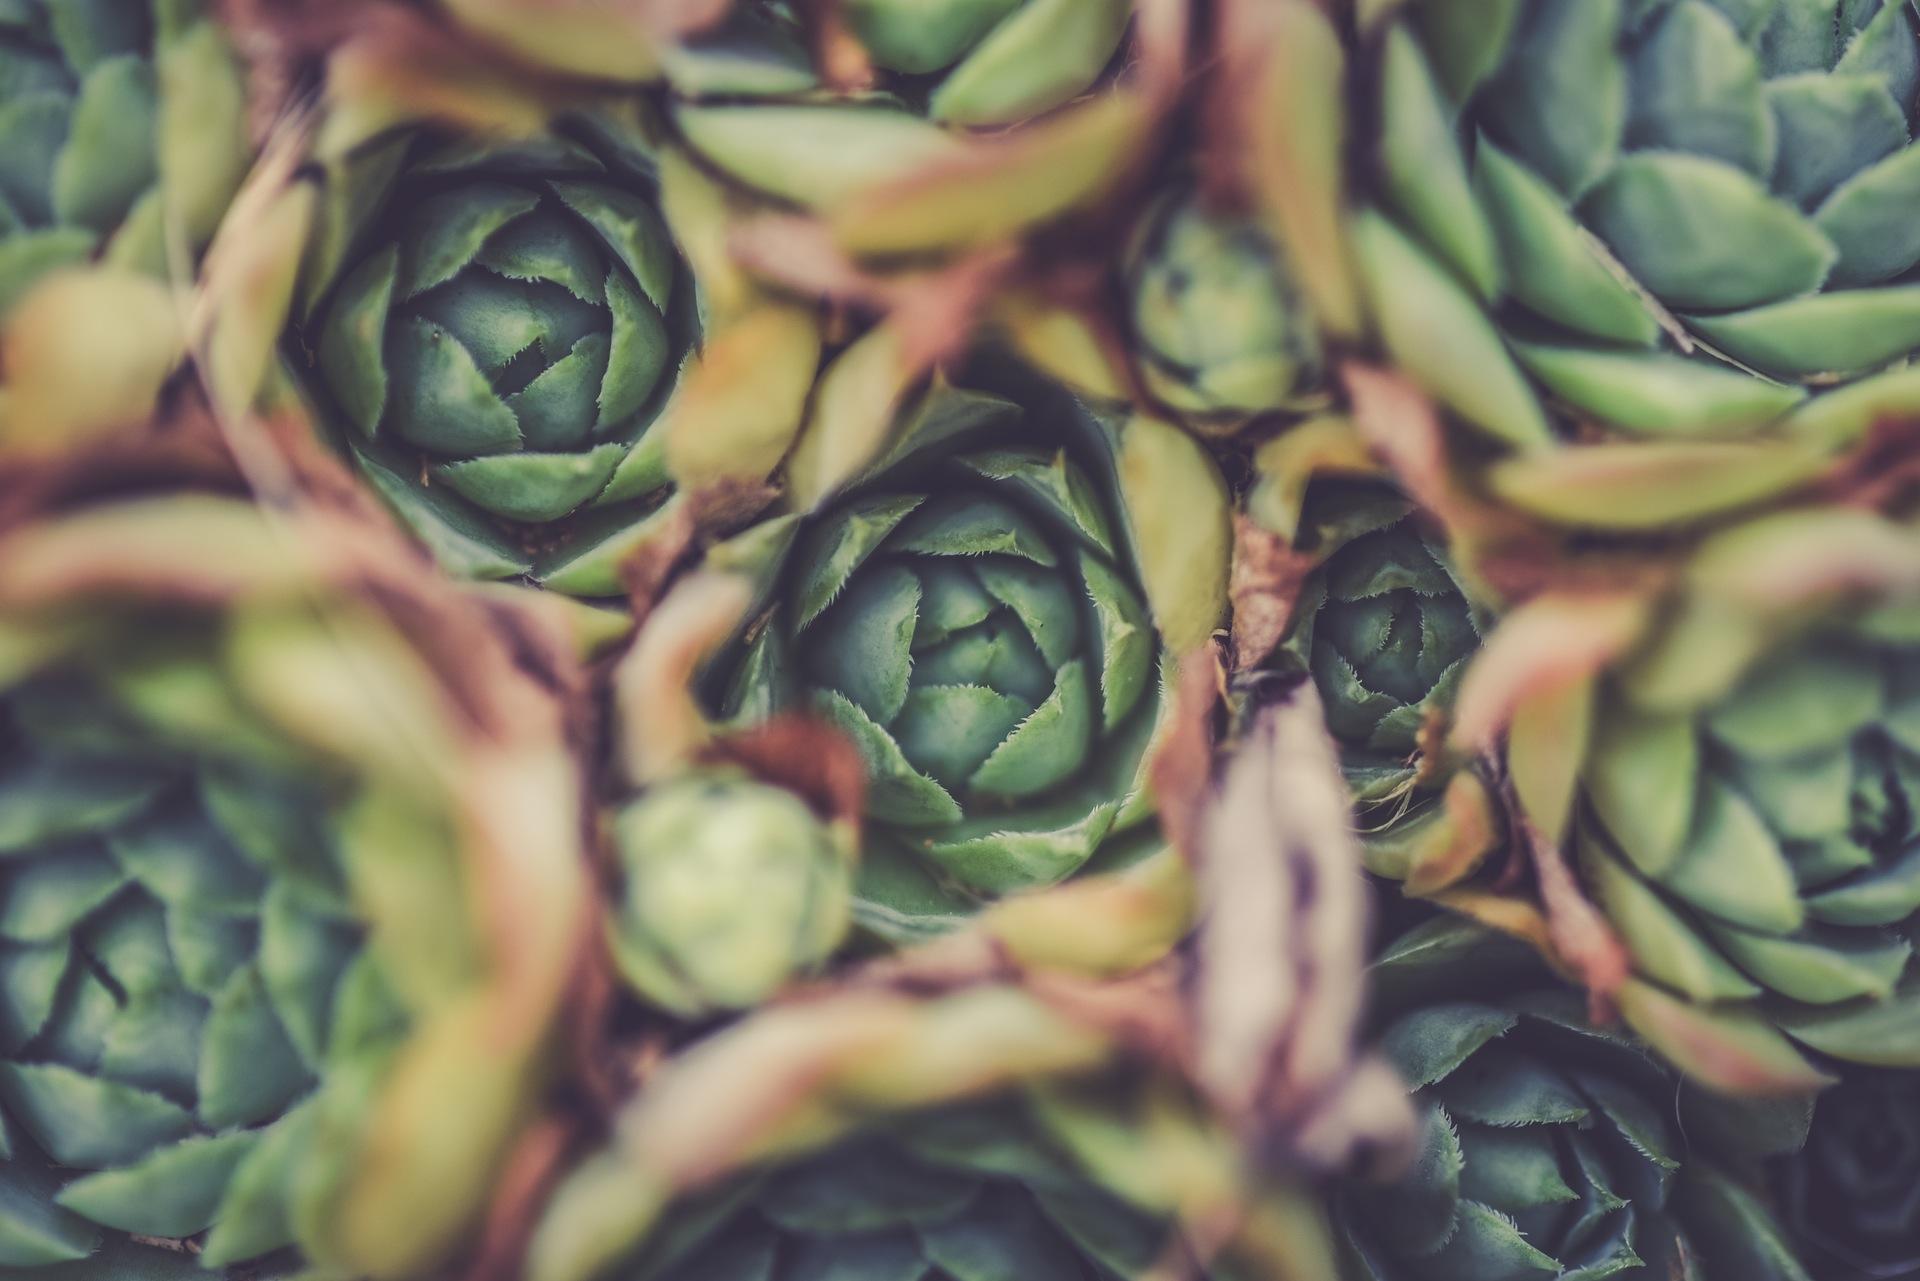 Jurnalul navigatorului mîncău – 7 povești culinare apărute în 2016